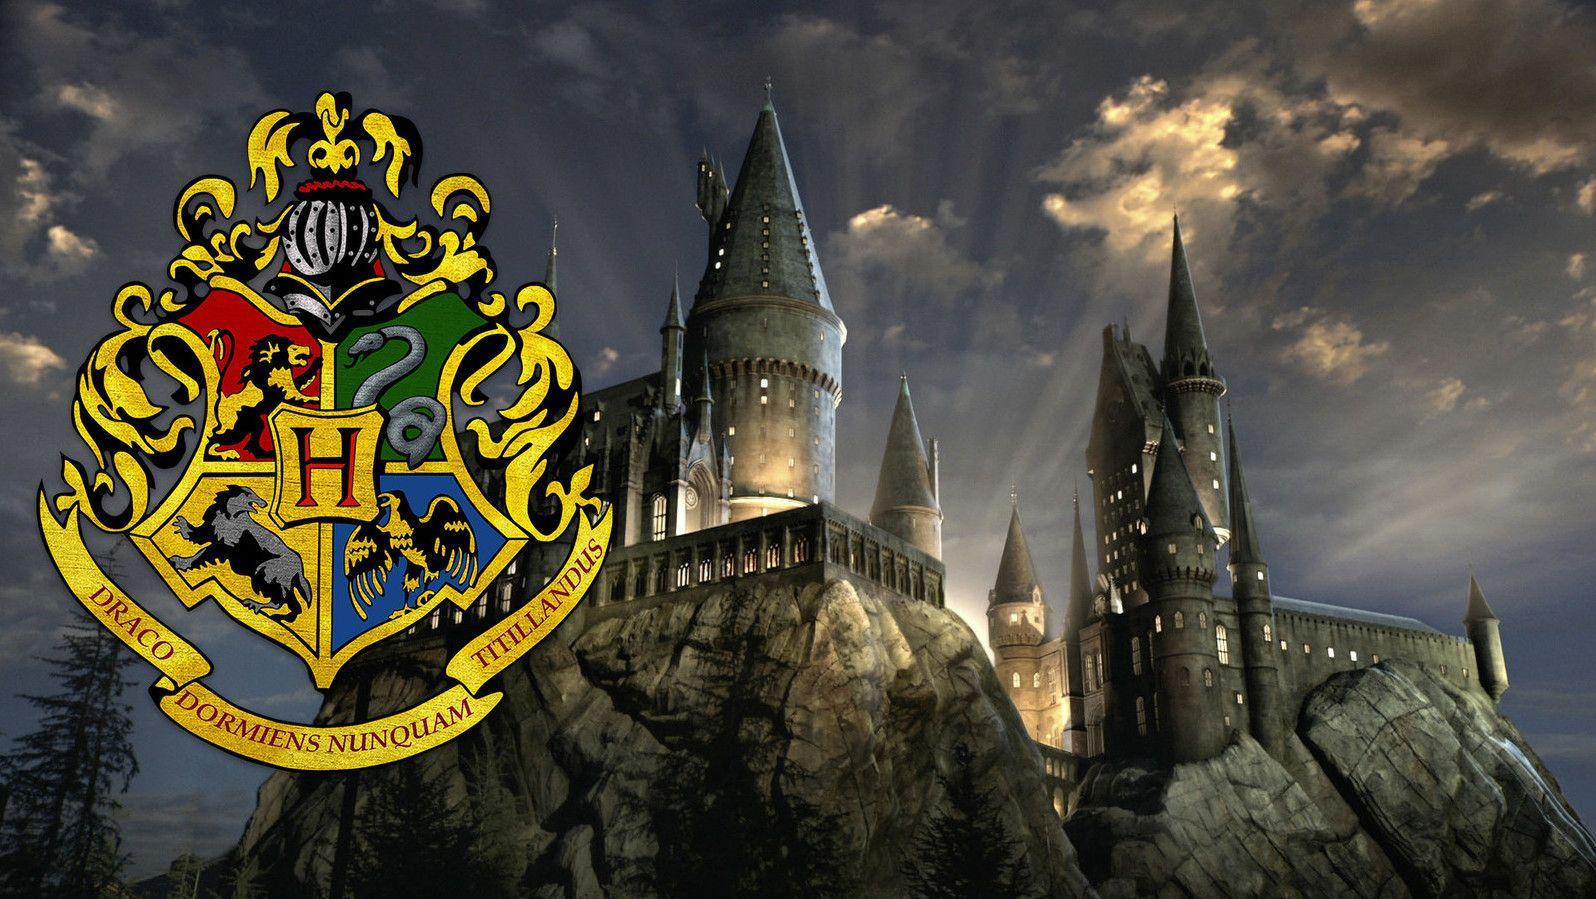 Гарри поттер школы магии названия гадания на картах на парня правдивые